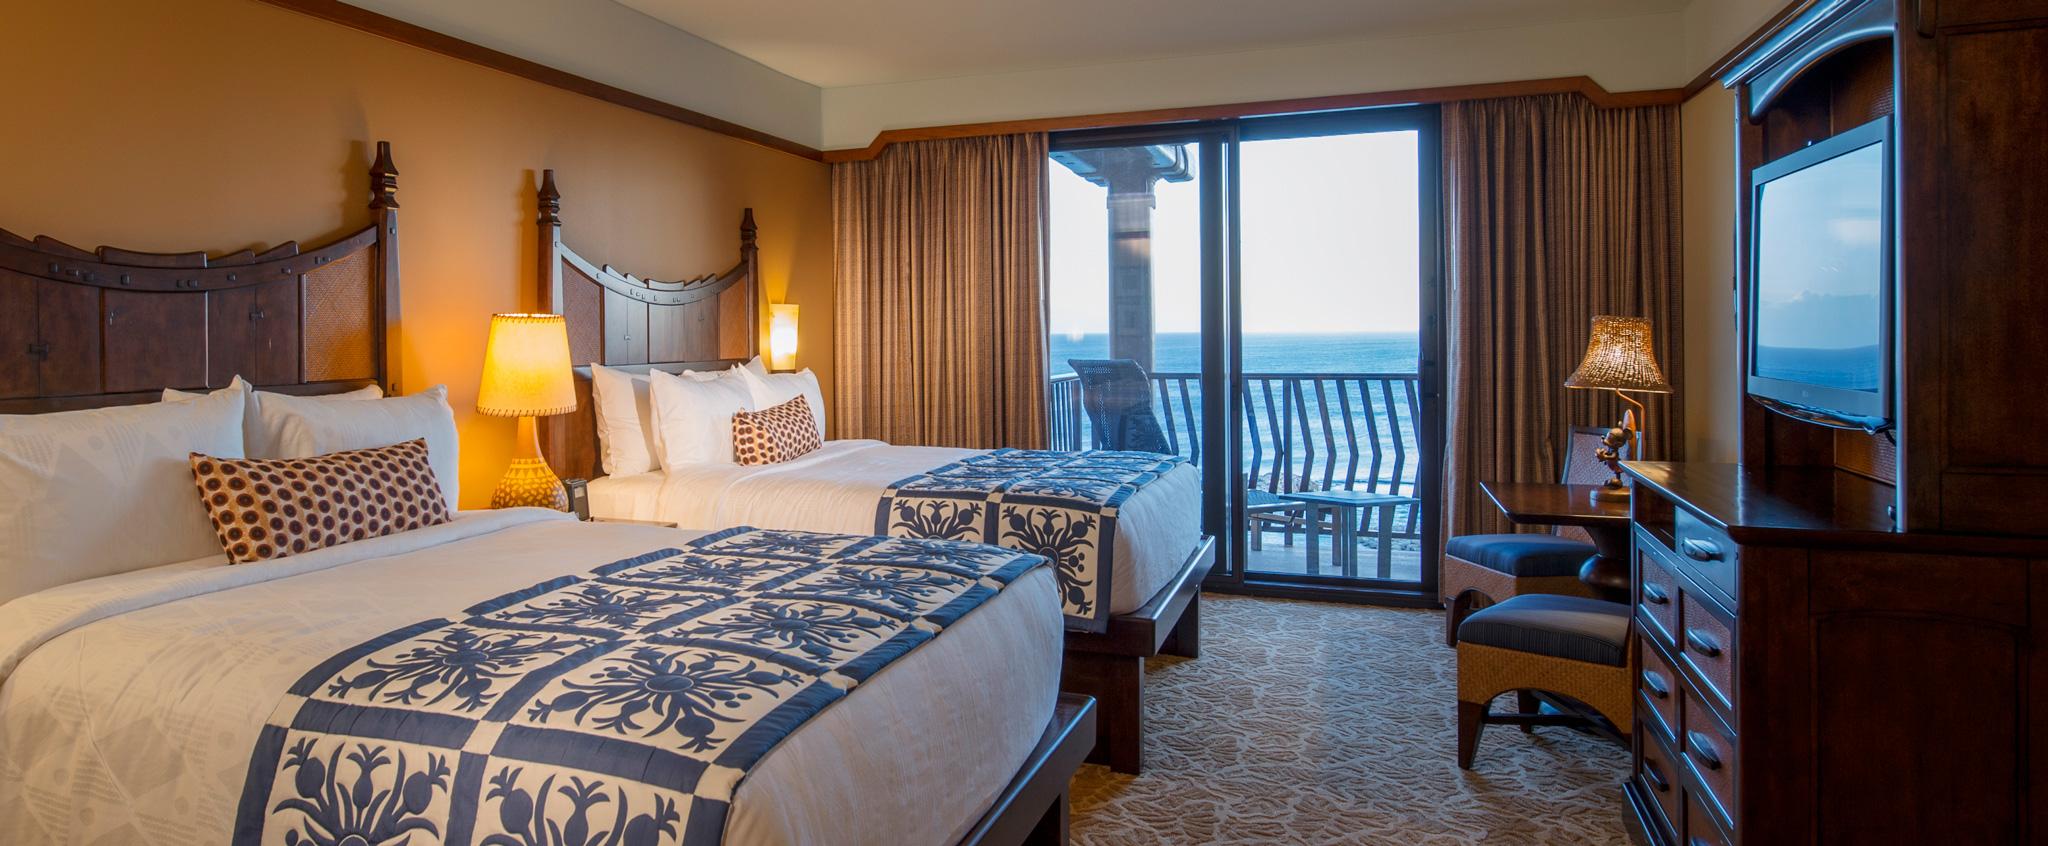 queen sleeper sofa rooms to go ciak three bedroom grand villa | aulani hawaii resort & spa